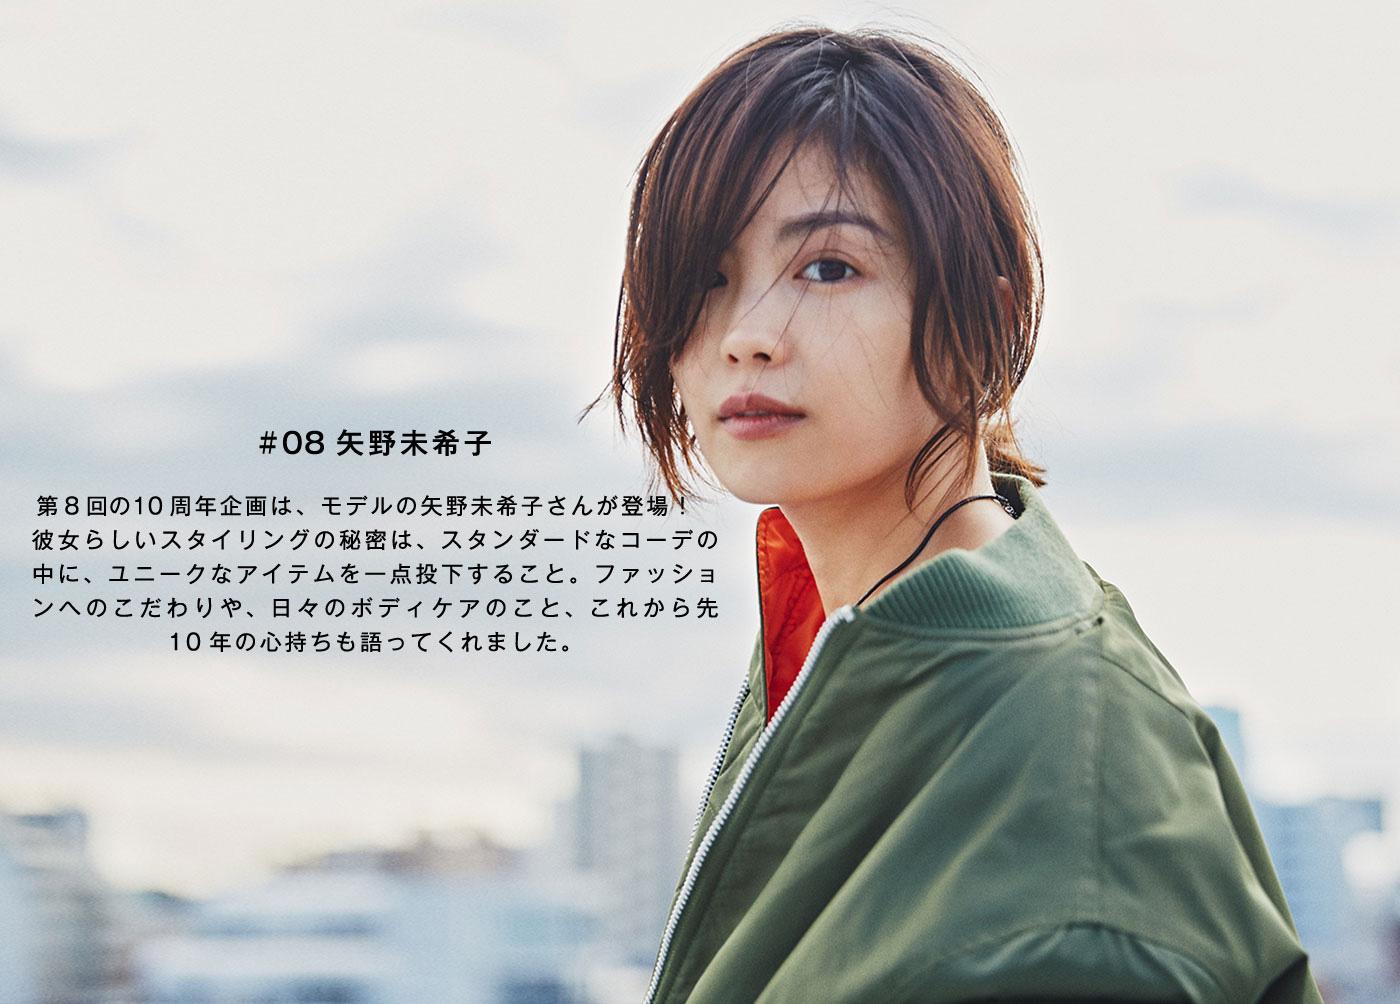 #08 矢野未希子